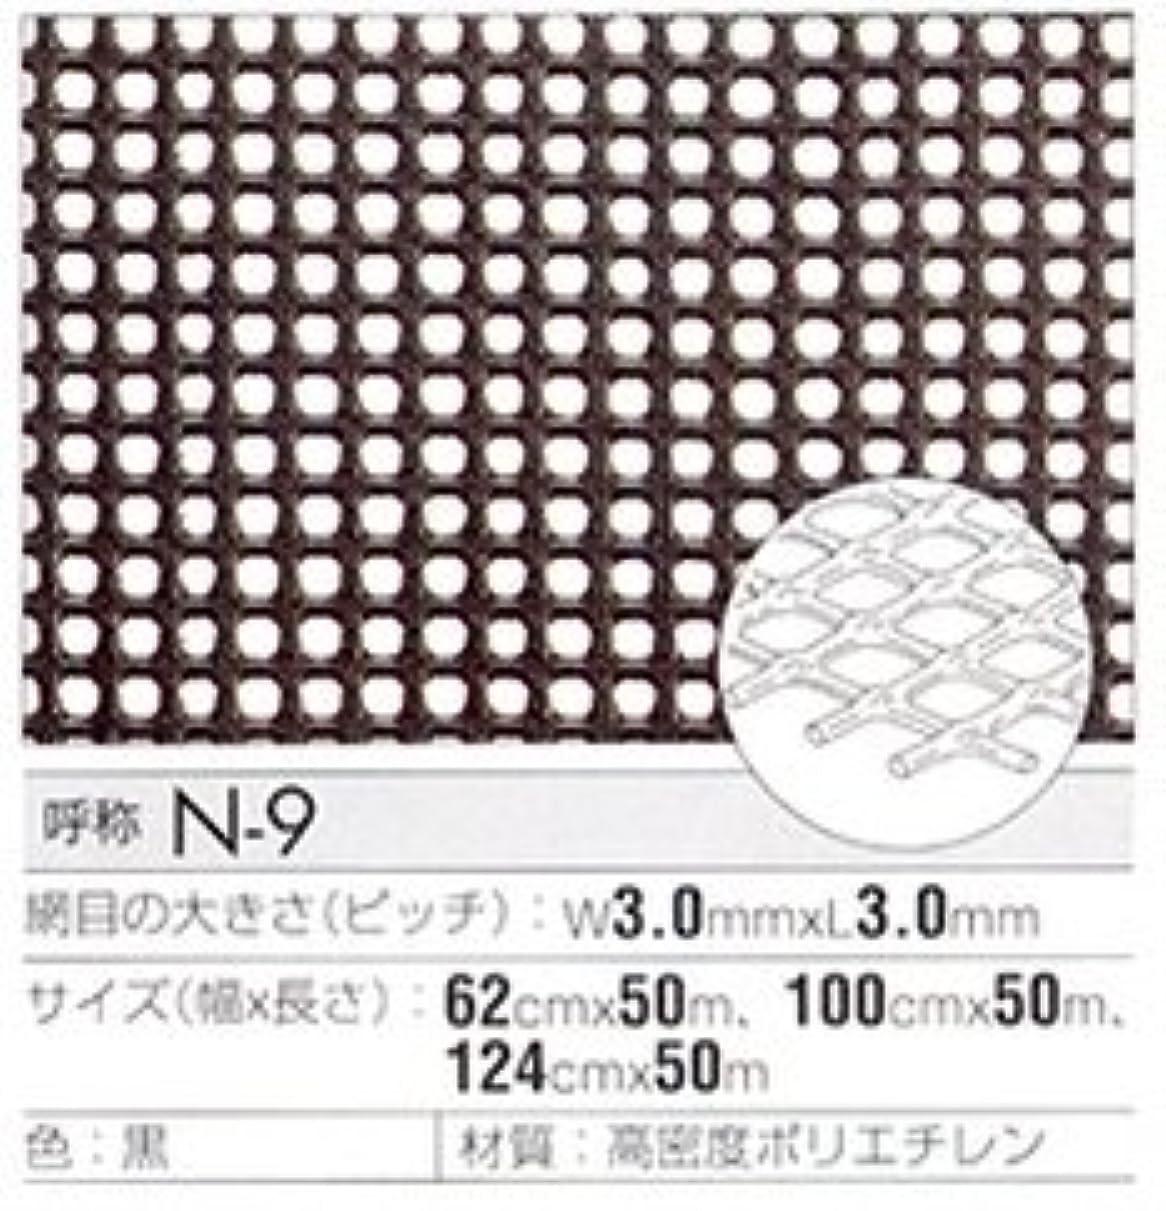 コメンテーター料理こねるトリカルネット プラスチックネット CLV-N-9-620 黒 大きさ:幅620mm×長さ18m 切り売り